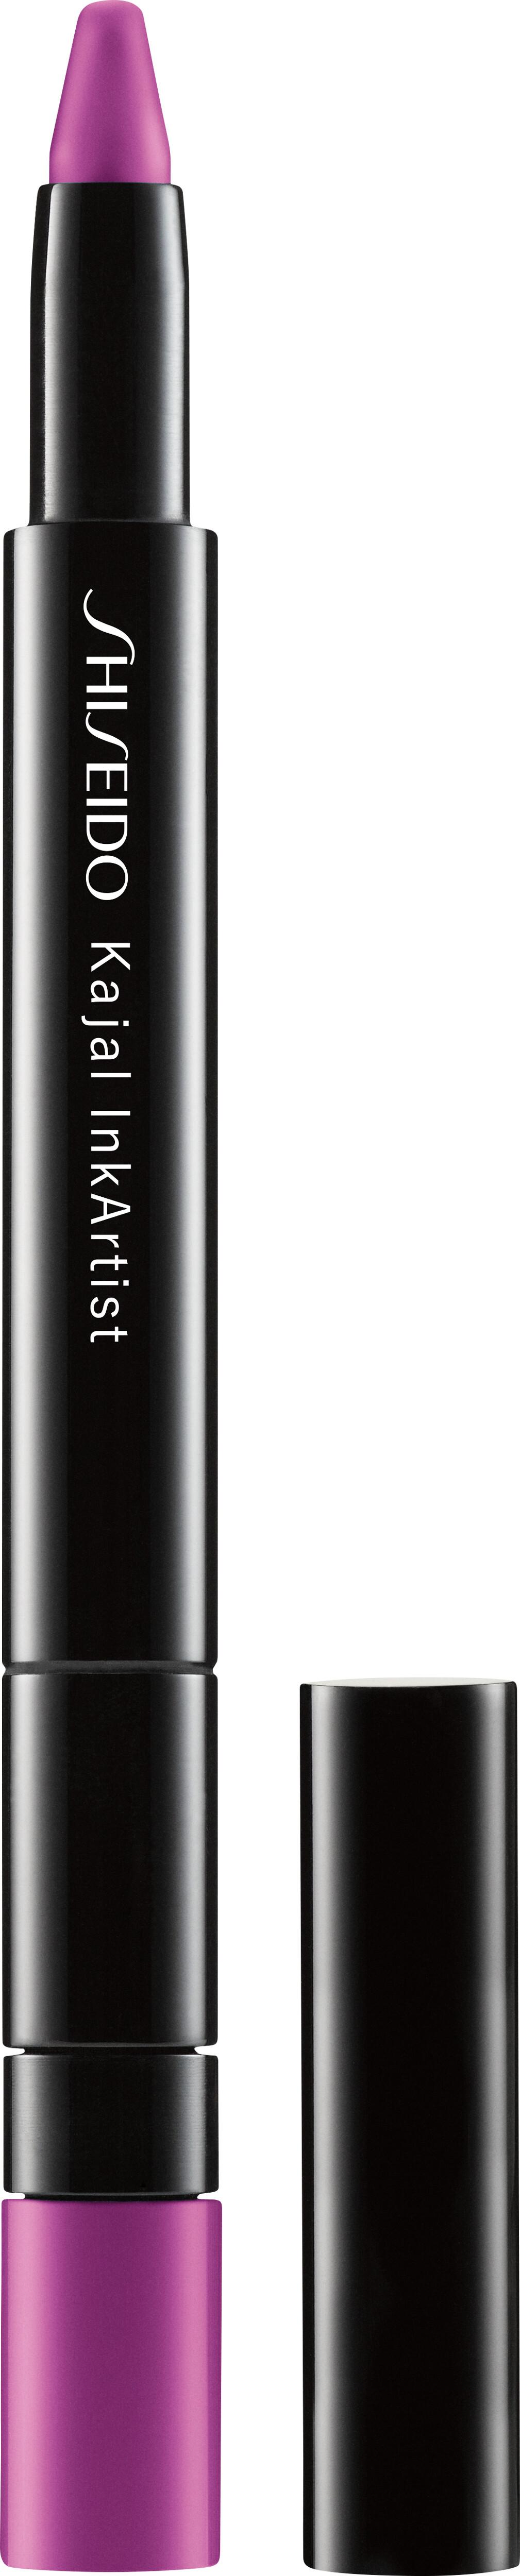 Kajal InkArtist by Shiseido #15